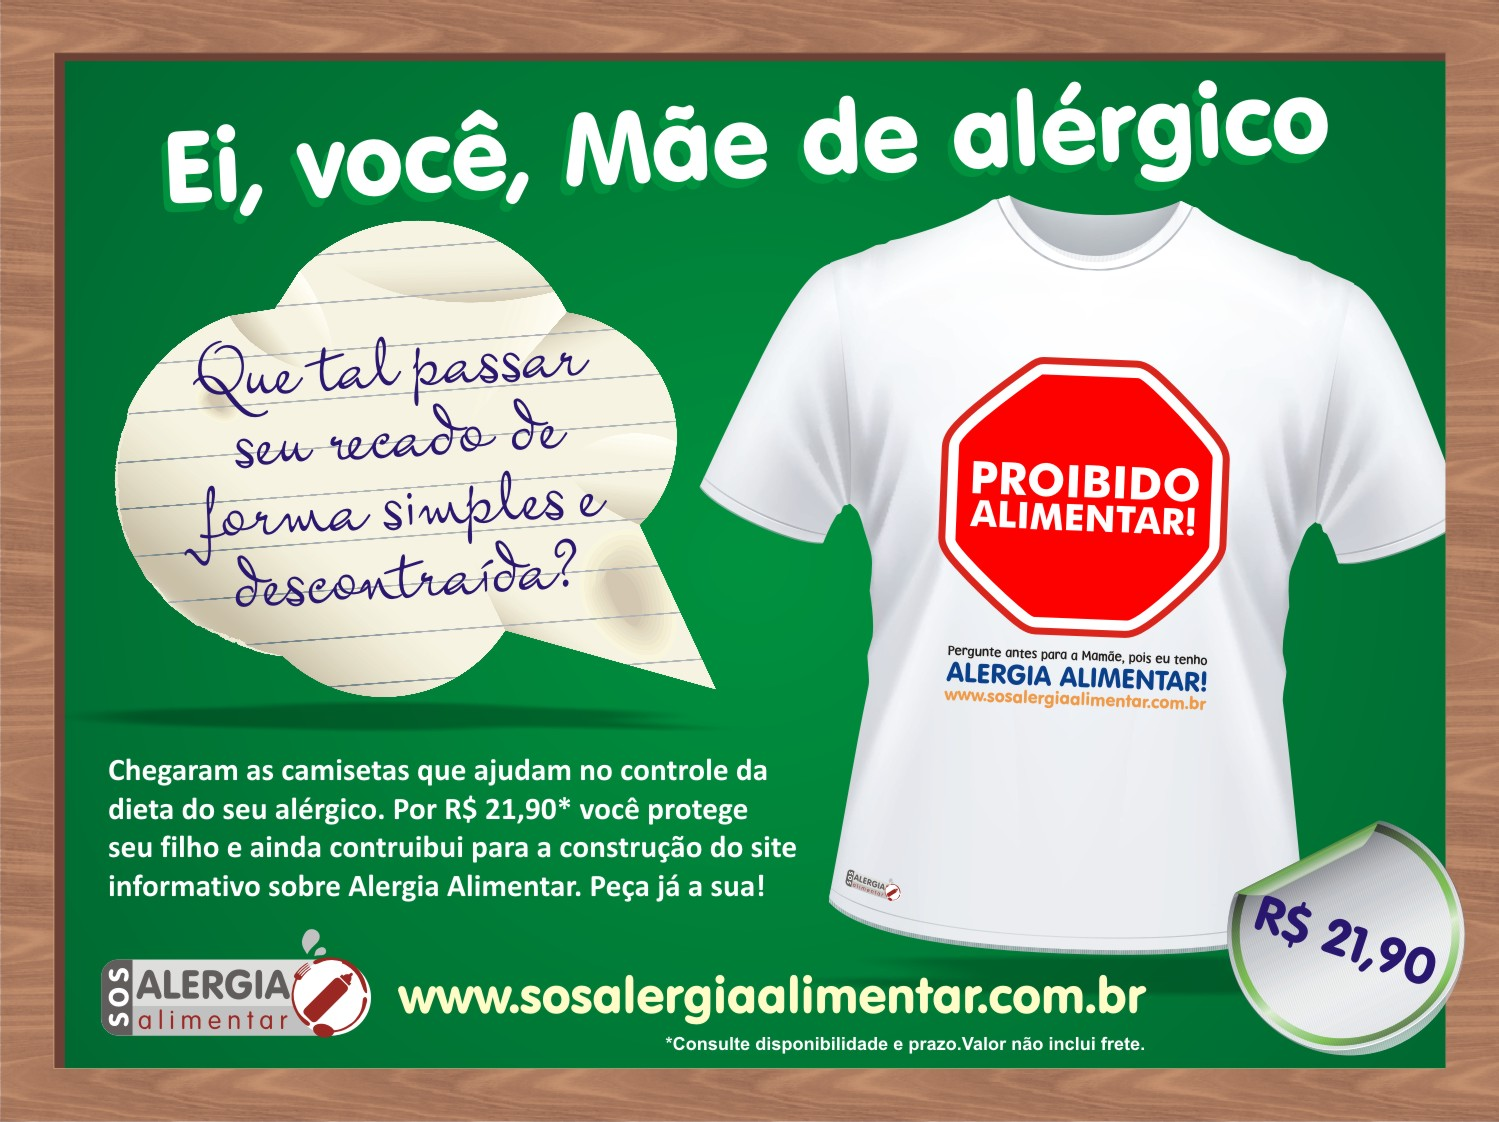 47813d2b83 Vale lembrar que tanto a SOS Alergia quanto as mães que fazem parte deste  movimento não irão lucrar nada com a venda das camisetas!